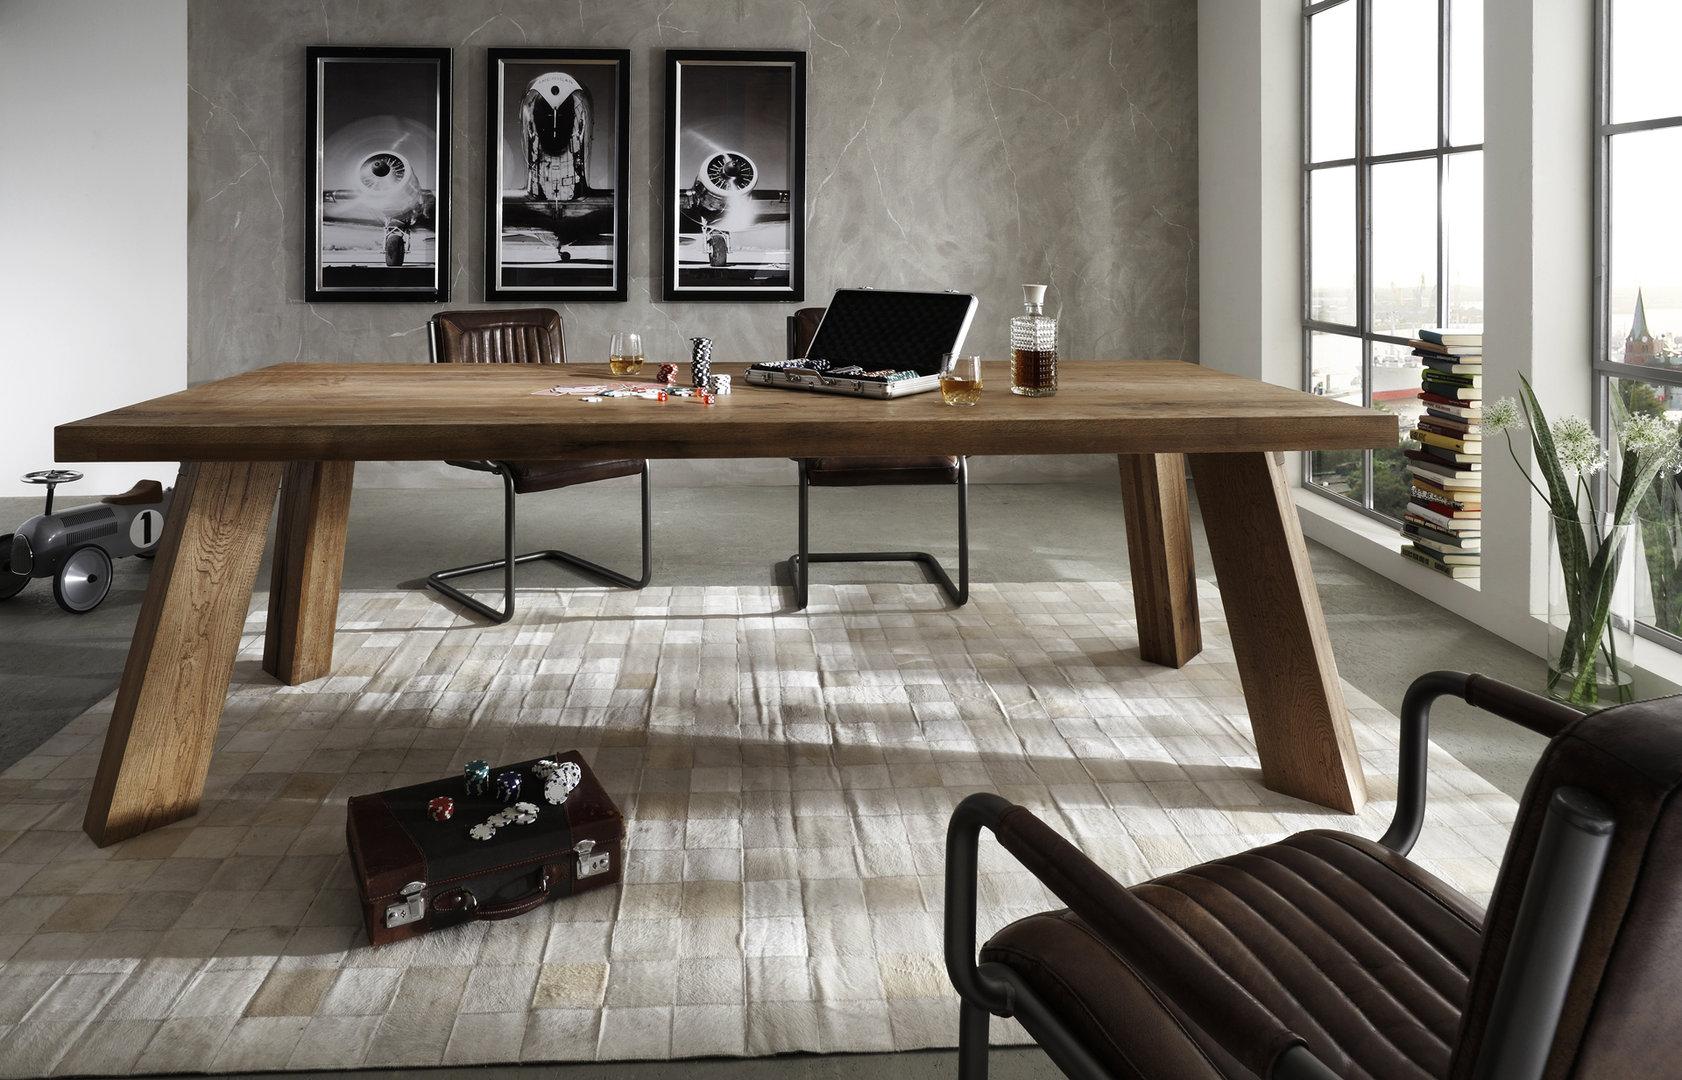 Tavoli da pranzo in legno design: tavoli da pranzo vetro e legno ...